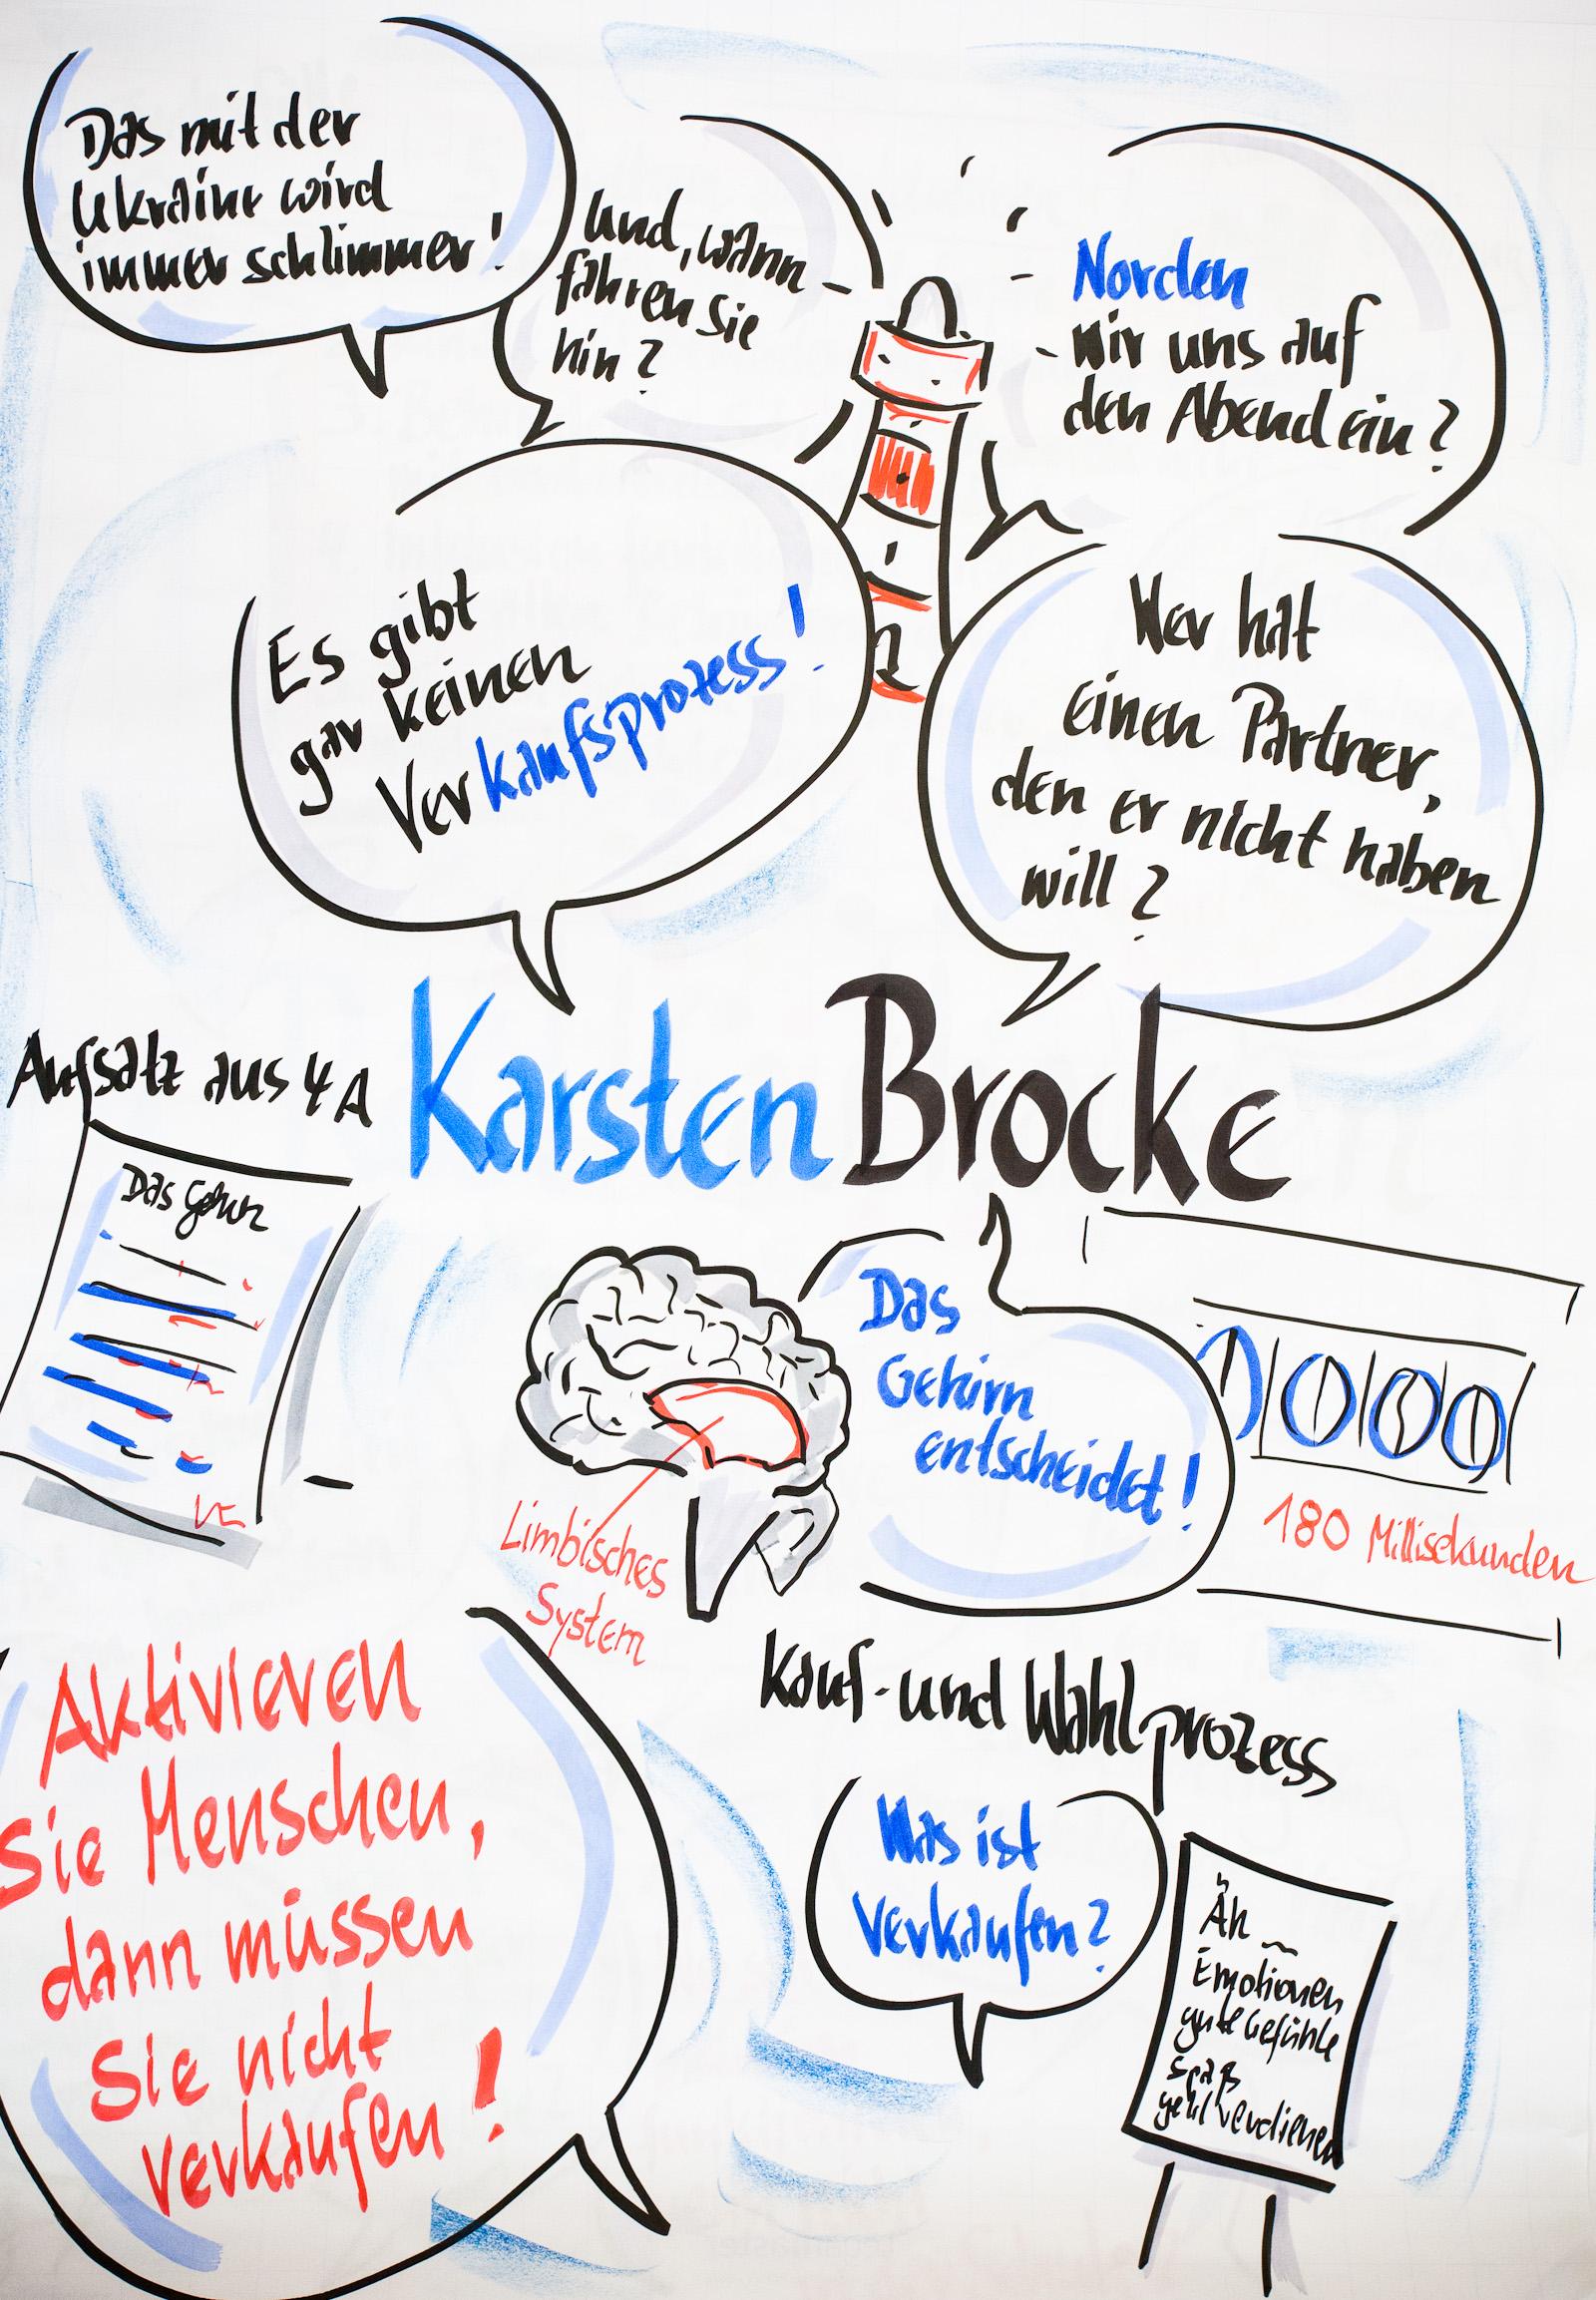 Zusammenfassung der 1. Berliner Rednernacht